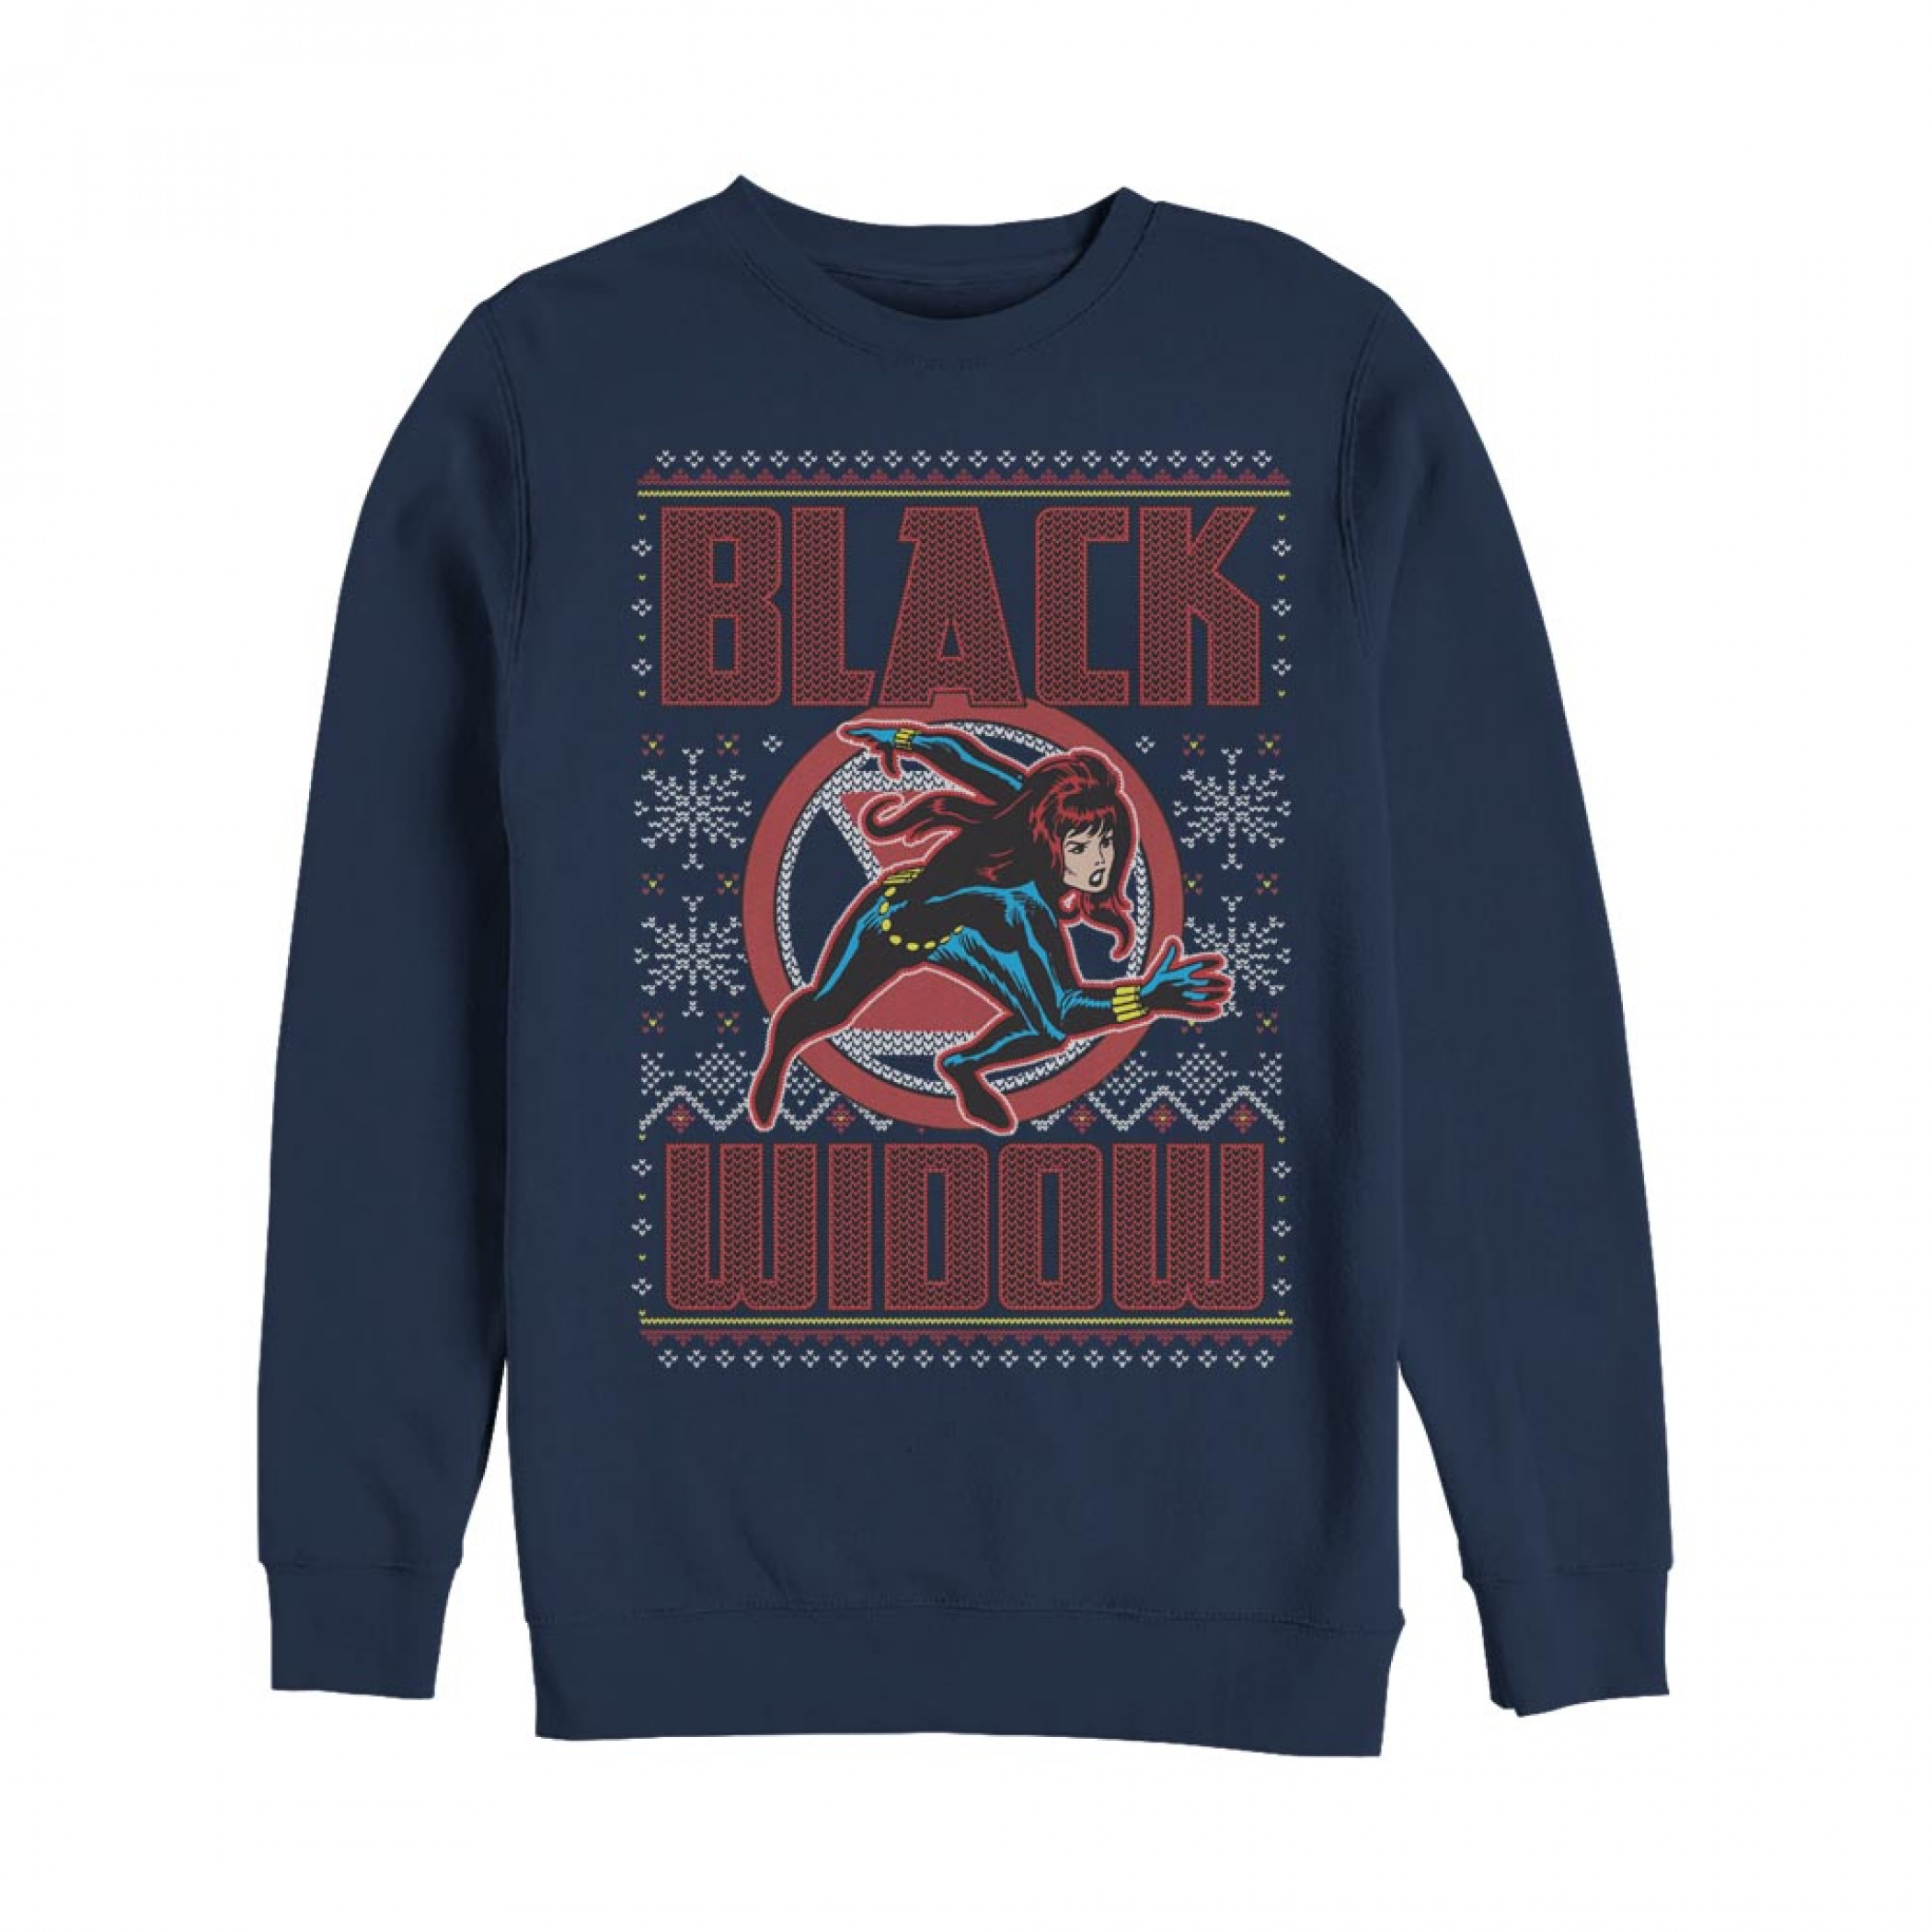 The Black Widow Ugly Christmas Sweatshirt